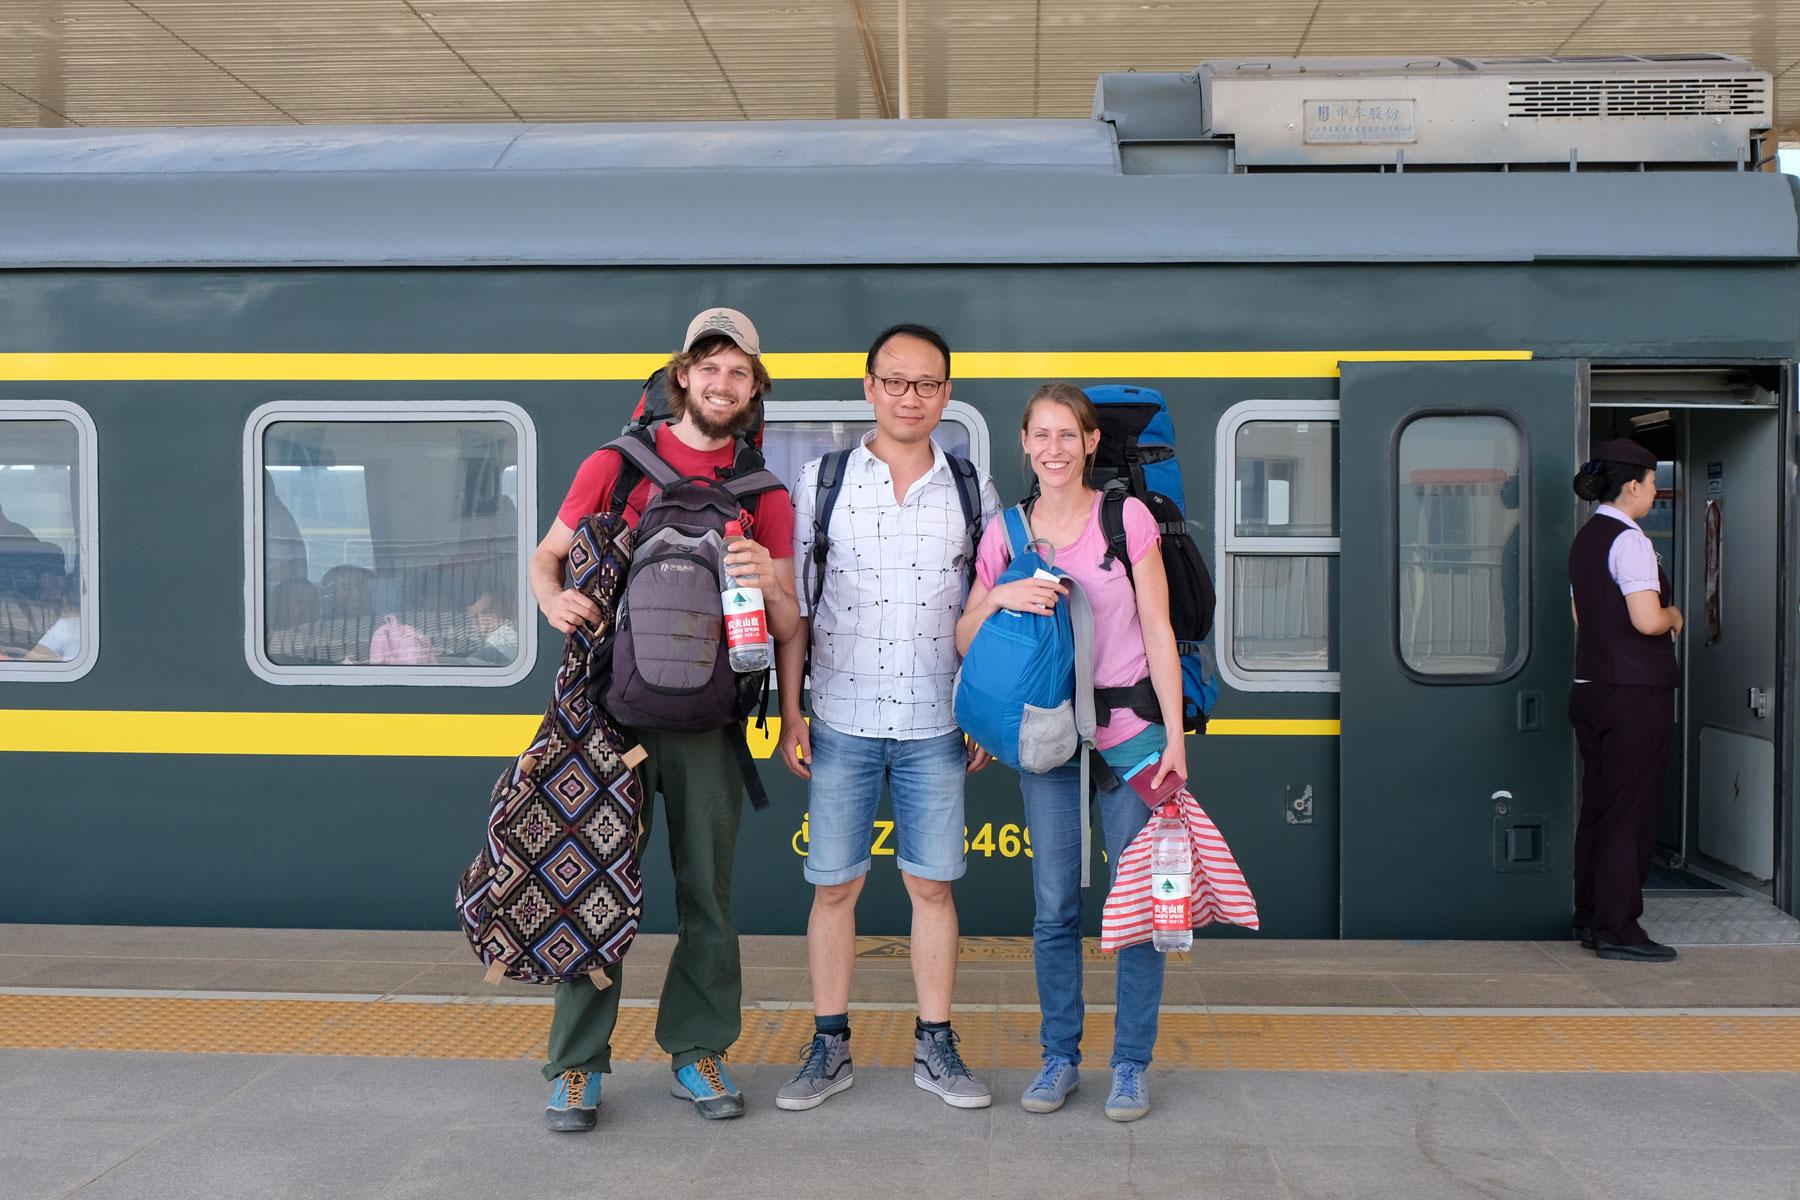 Sebastian und Leo mit einem Chinesen vor einem Zug am Bahnsteig.